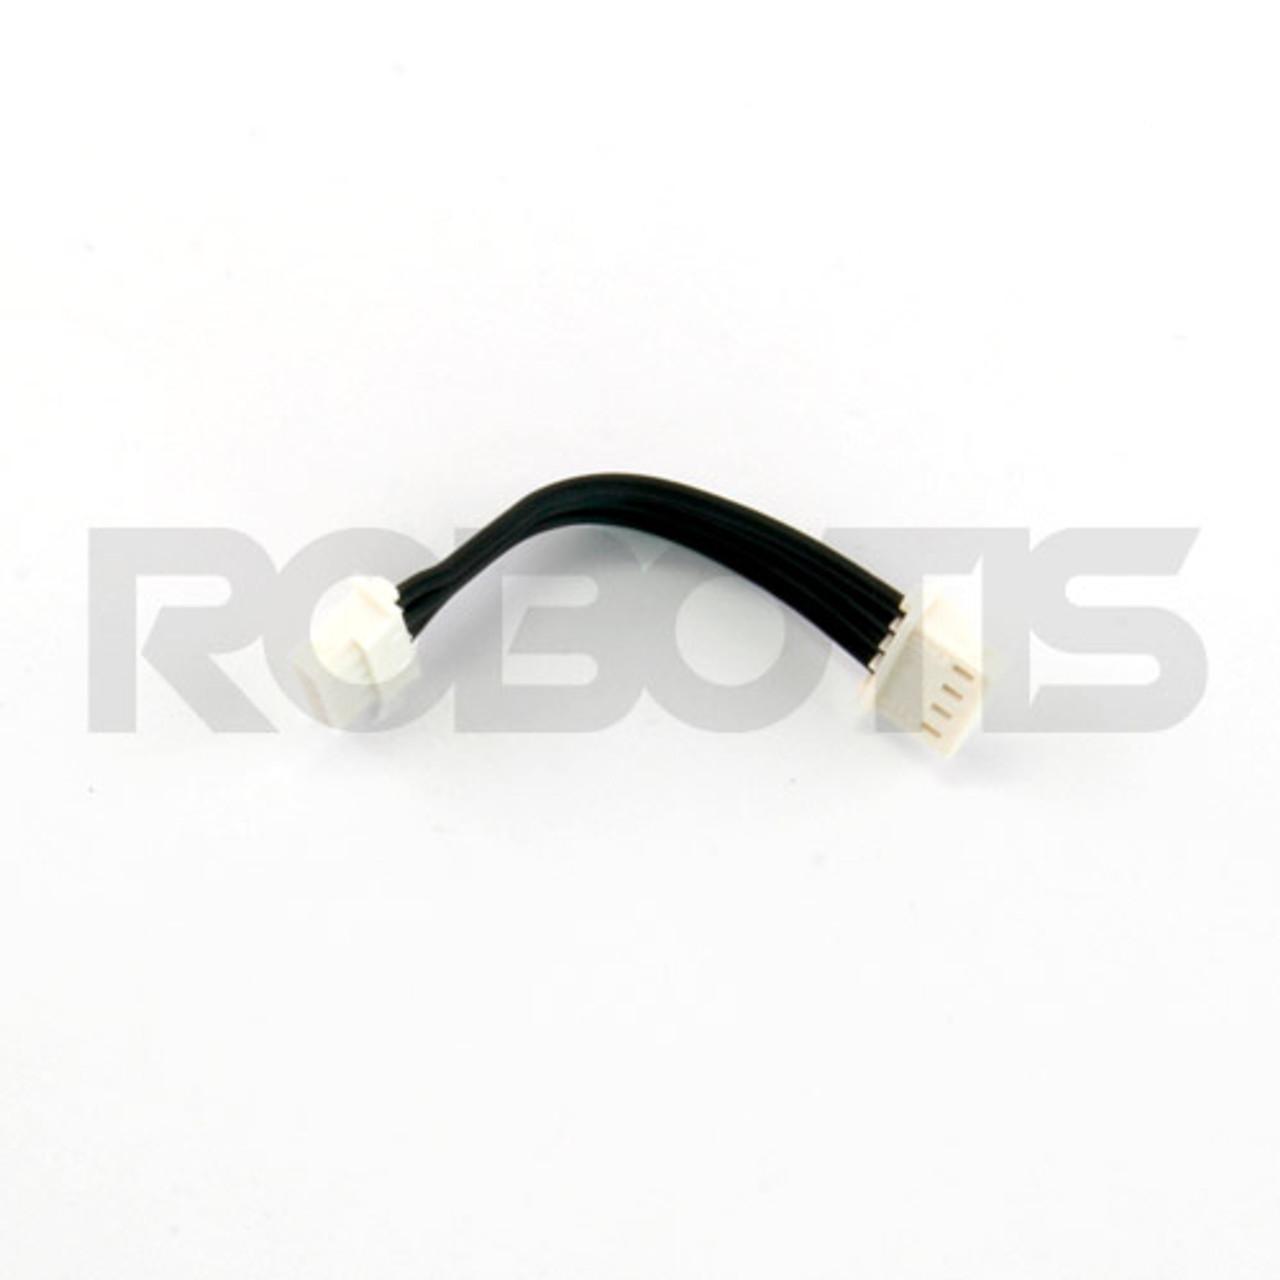 Robot Cable-4P 60mm 10pcs